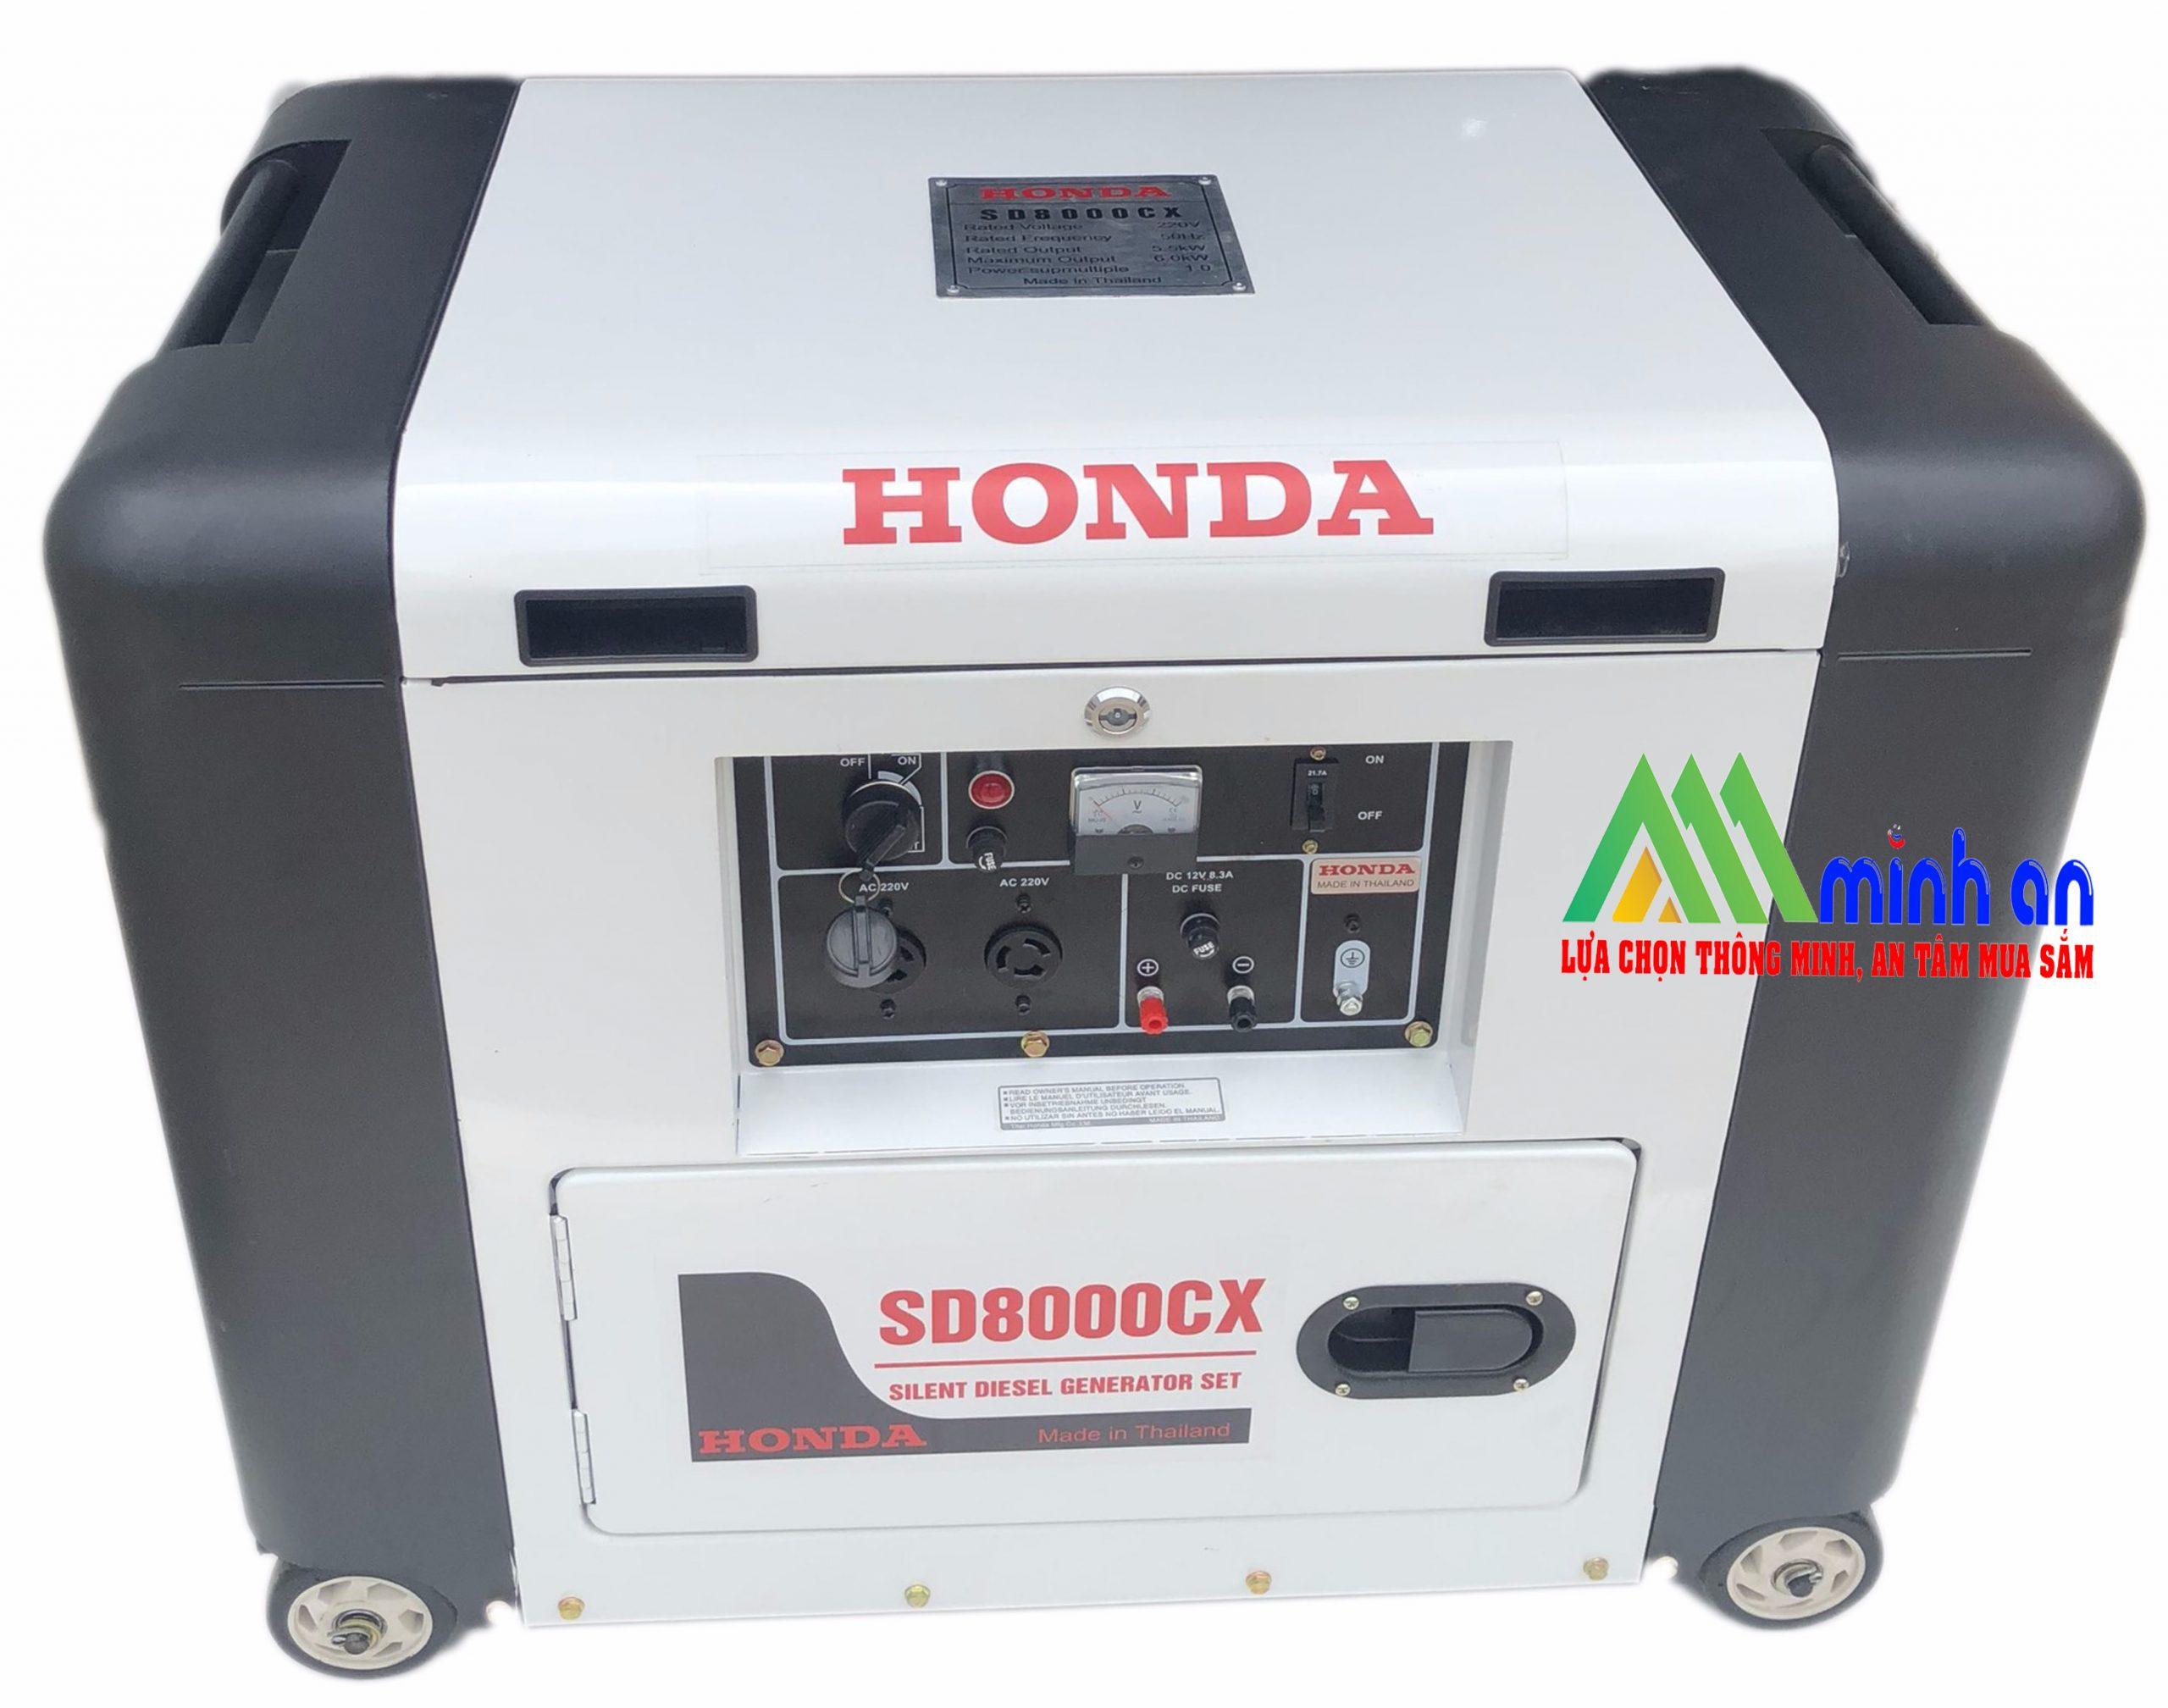 Máy phát điện Honda SD 8000EX ( Black)